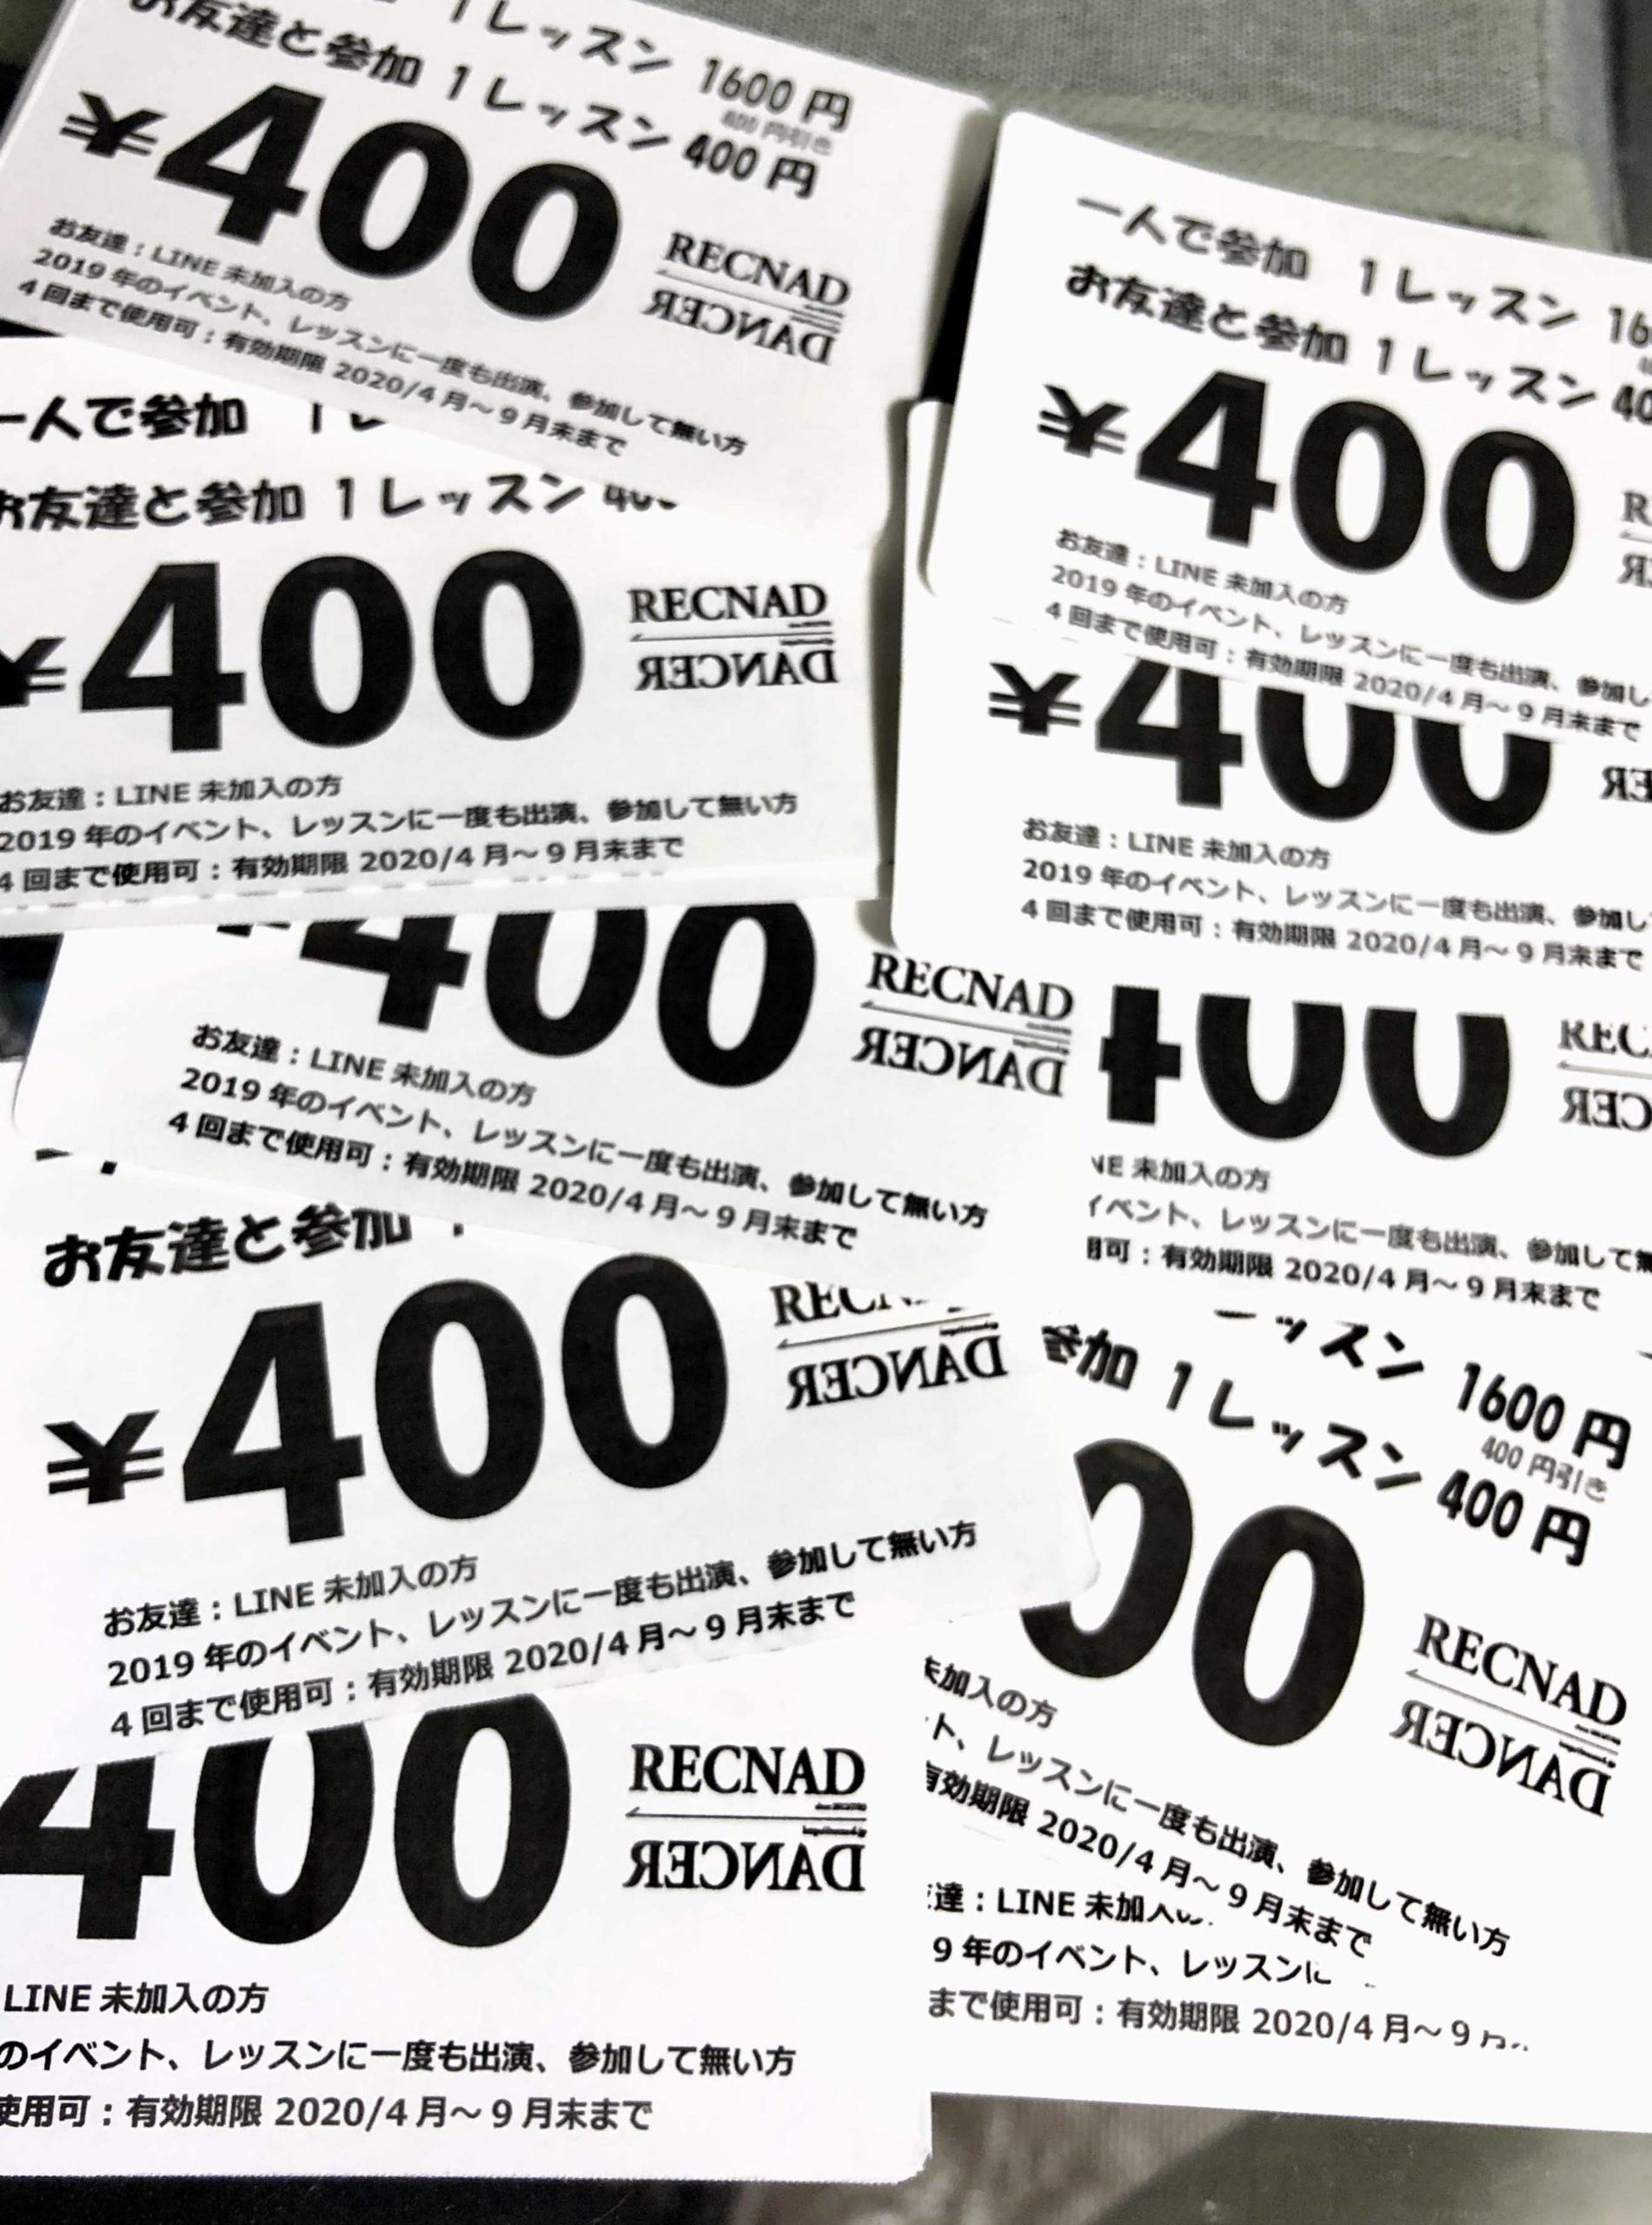 東京 社会人ダンスサークル RECNAD 400人キャンペーン情報   2020/4〜